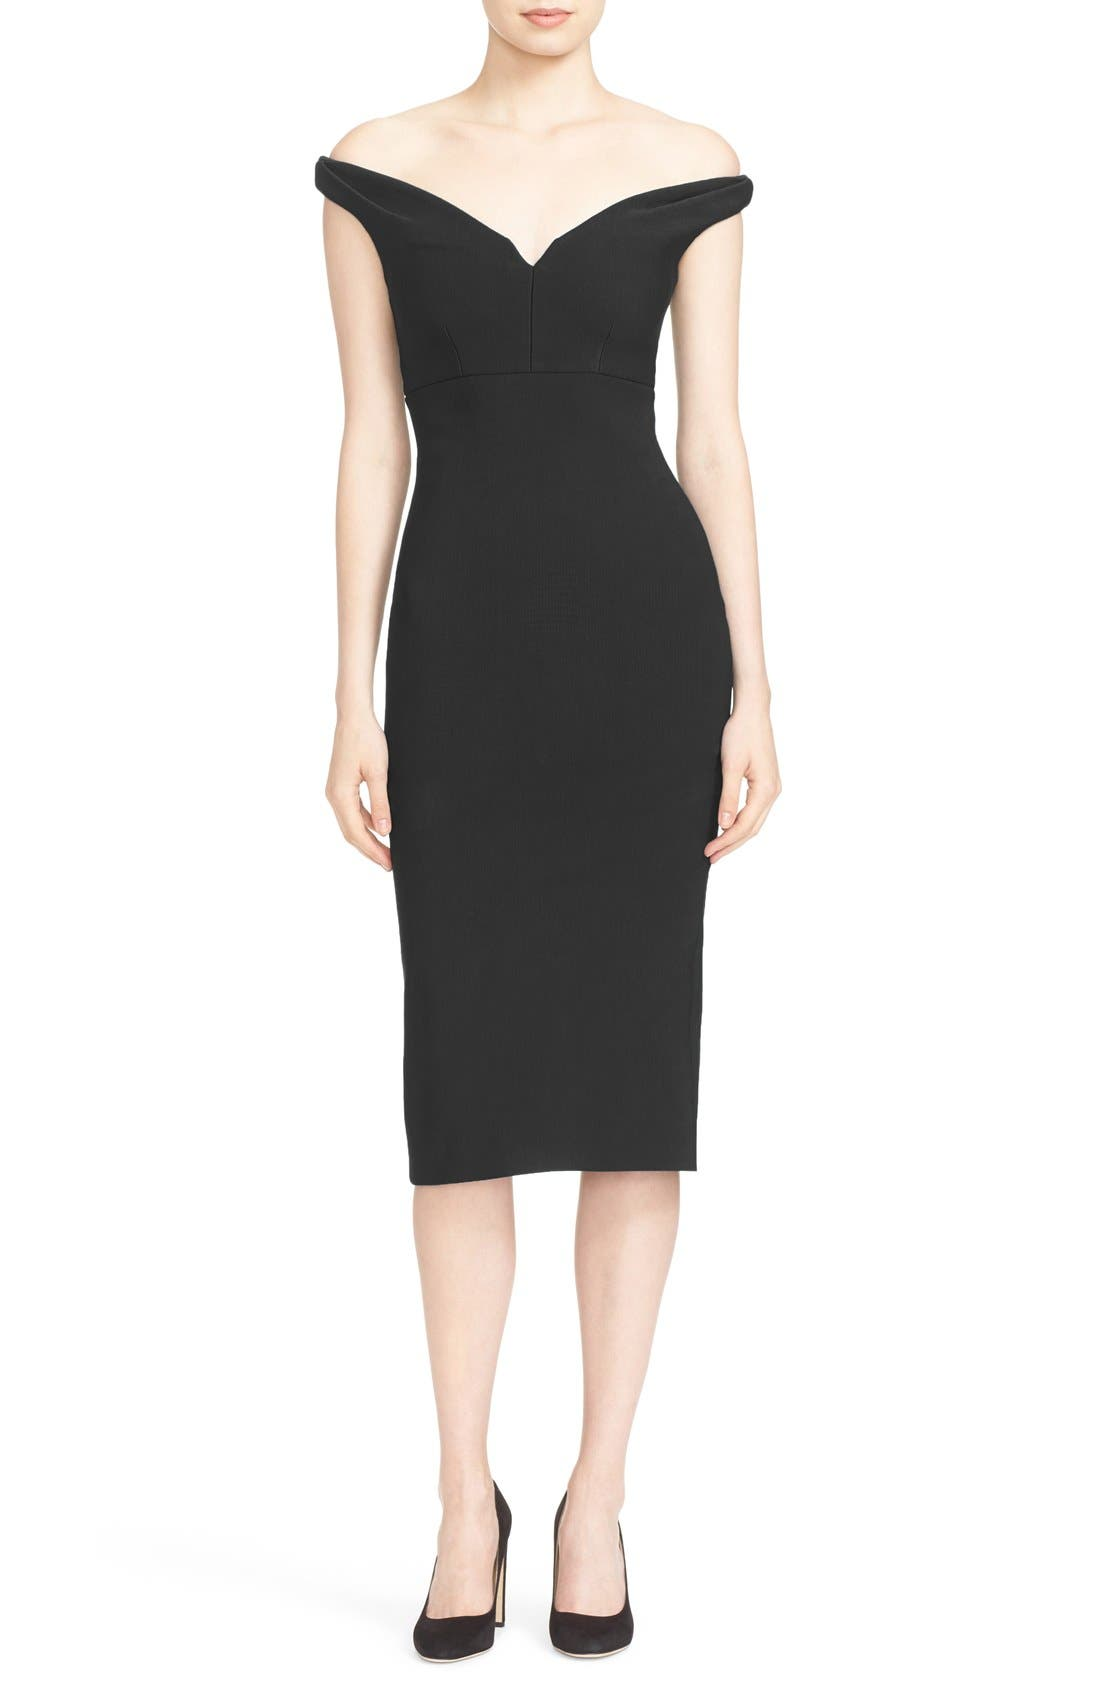 Alternate Image 1 Selected - Cinq à Sept Garnet Off the Shoulder Dress